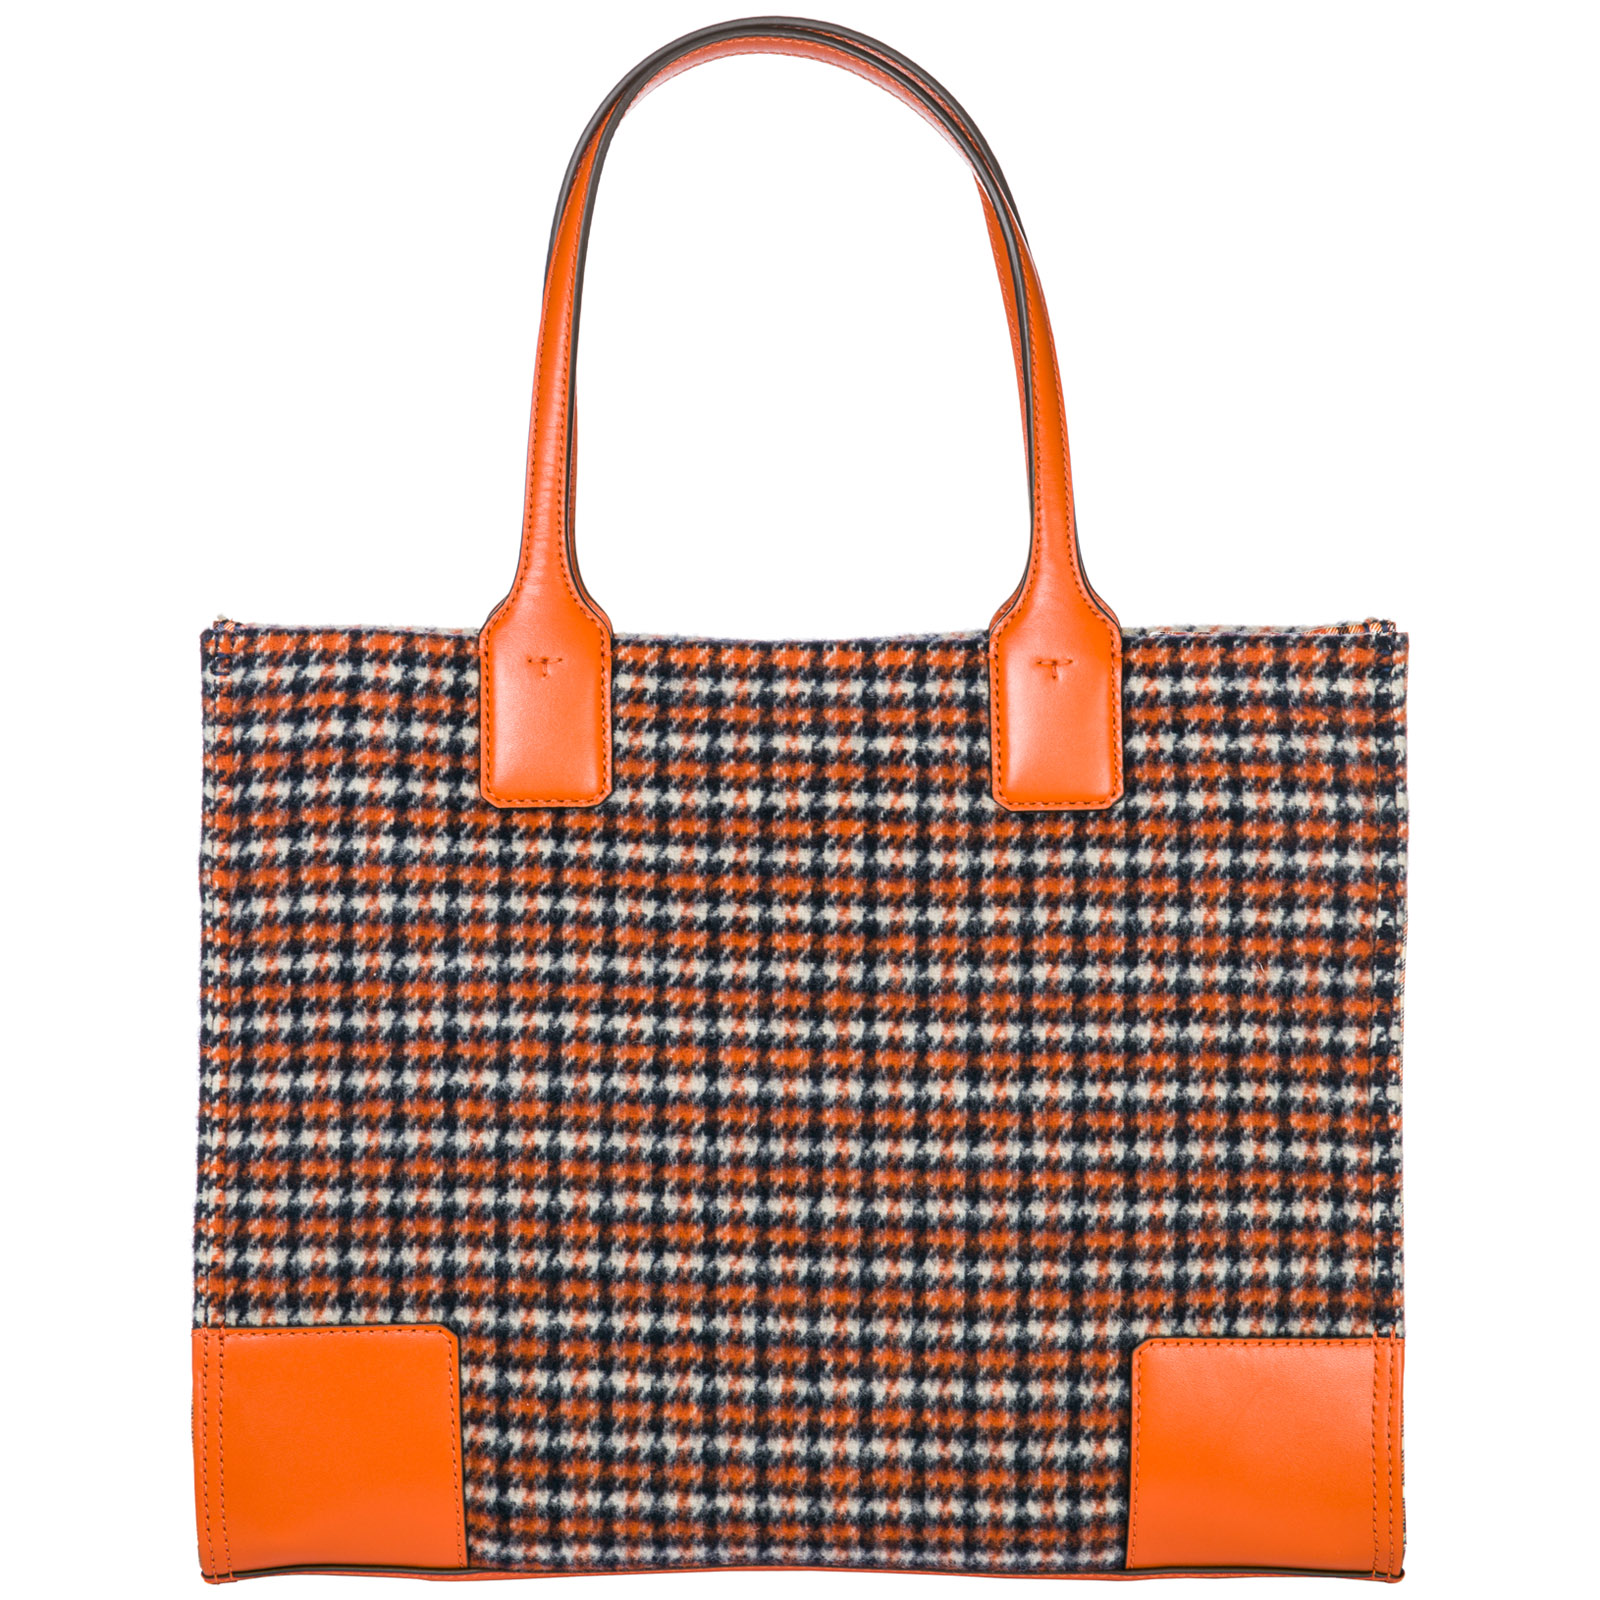 Women's handbag shopping bag purse tote ella plaid